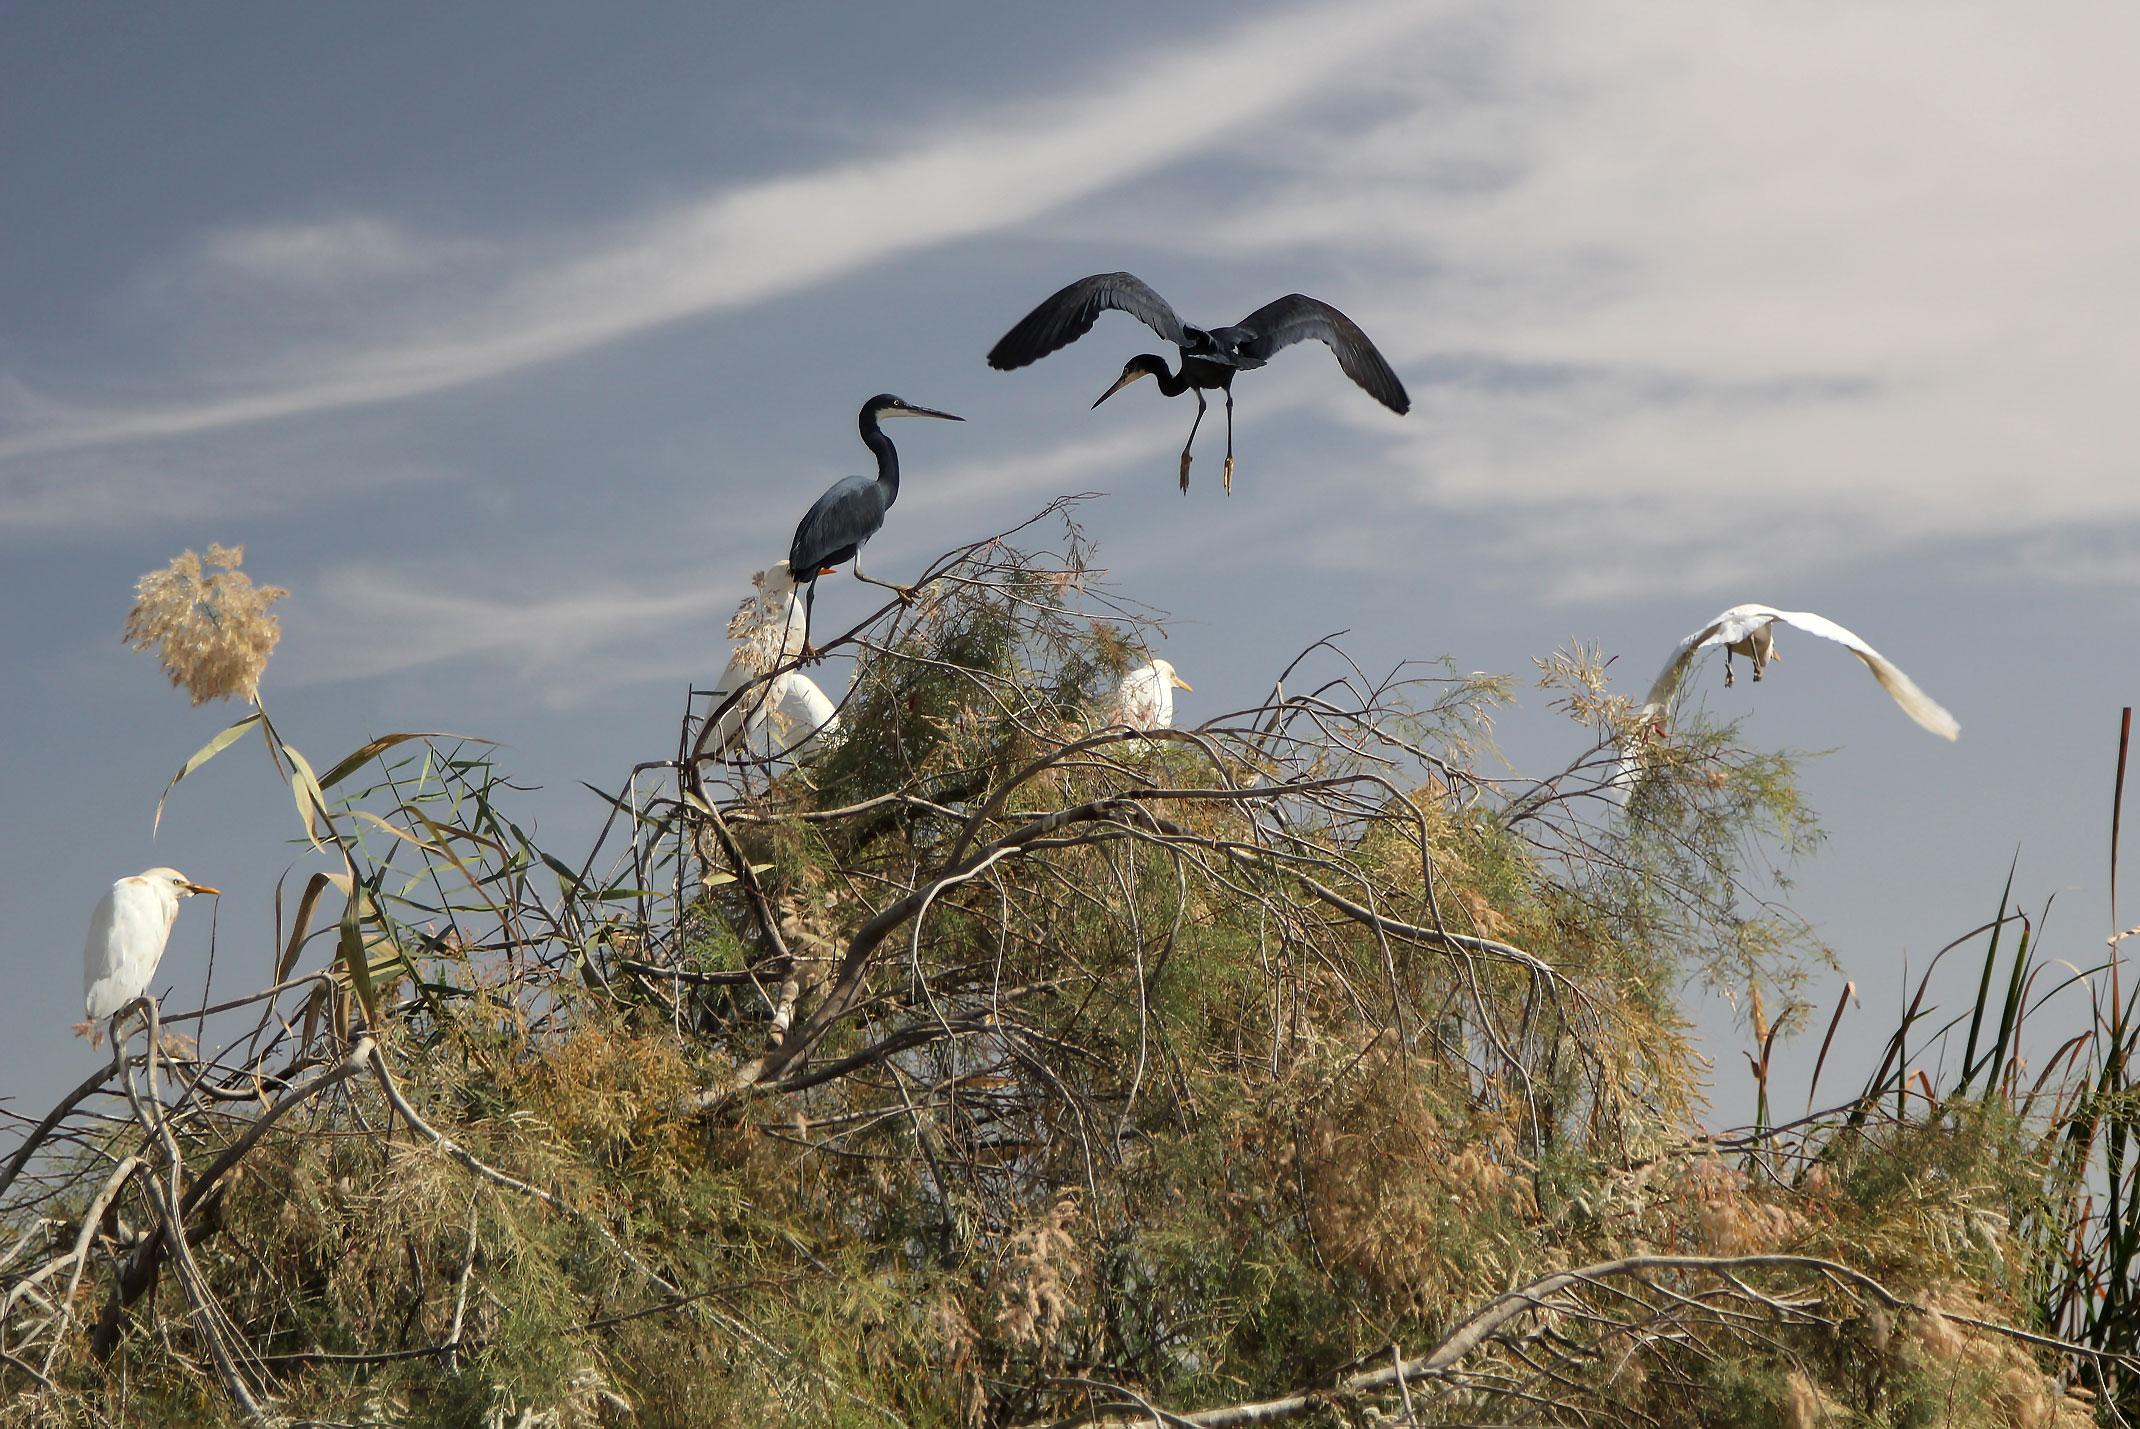 Mauretania.Prac National du Diawling Park Narodowy Diawling położony jest wokół delty rzeki Senegal.